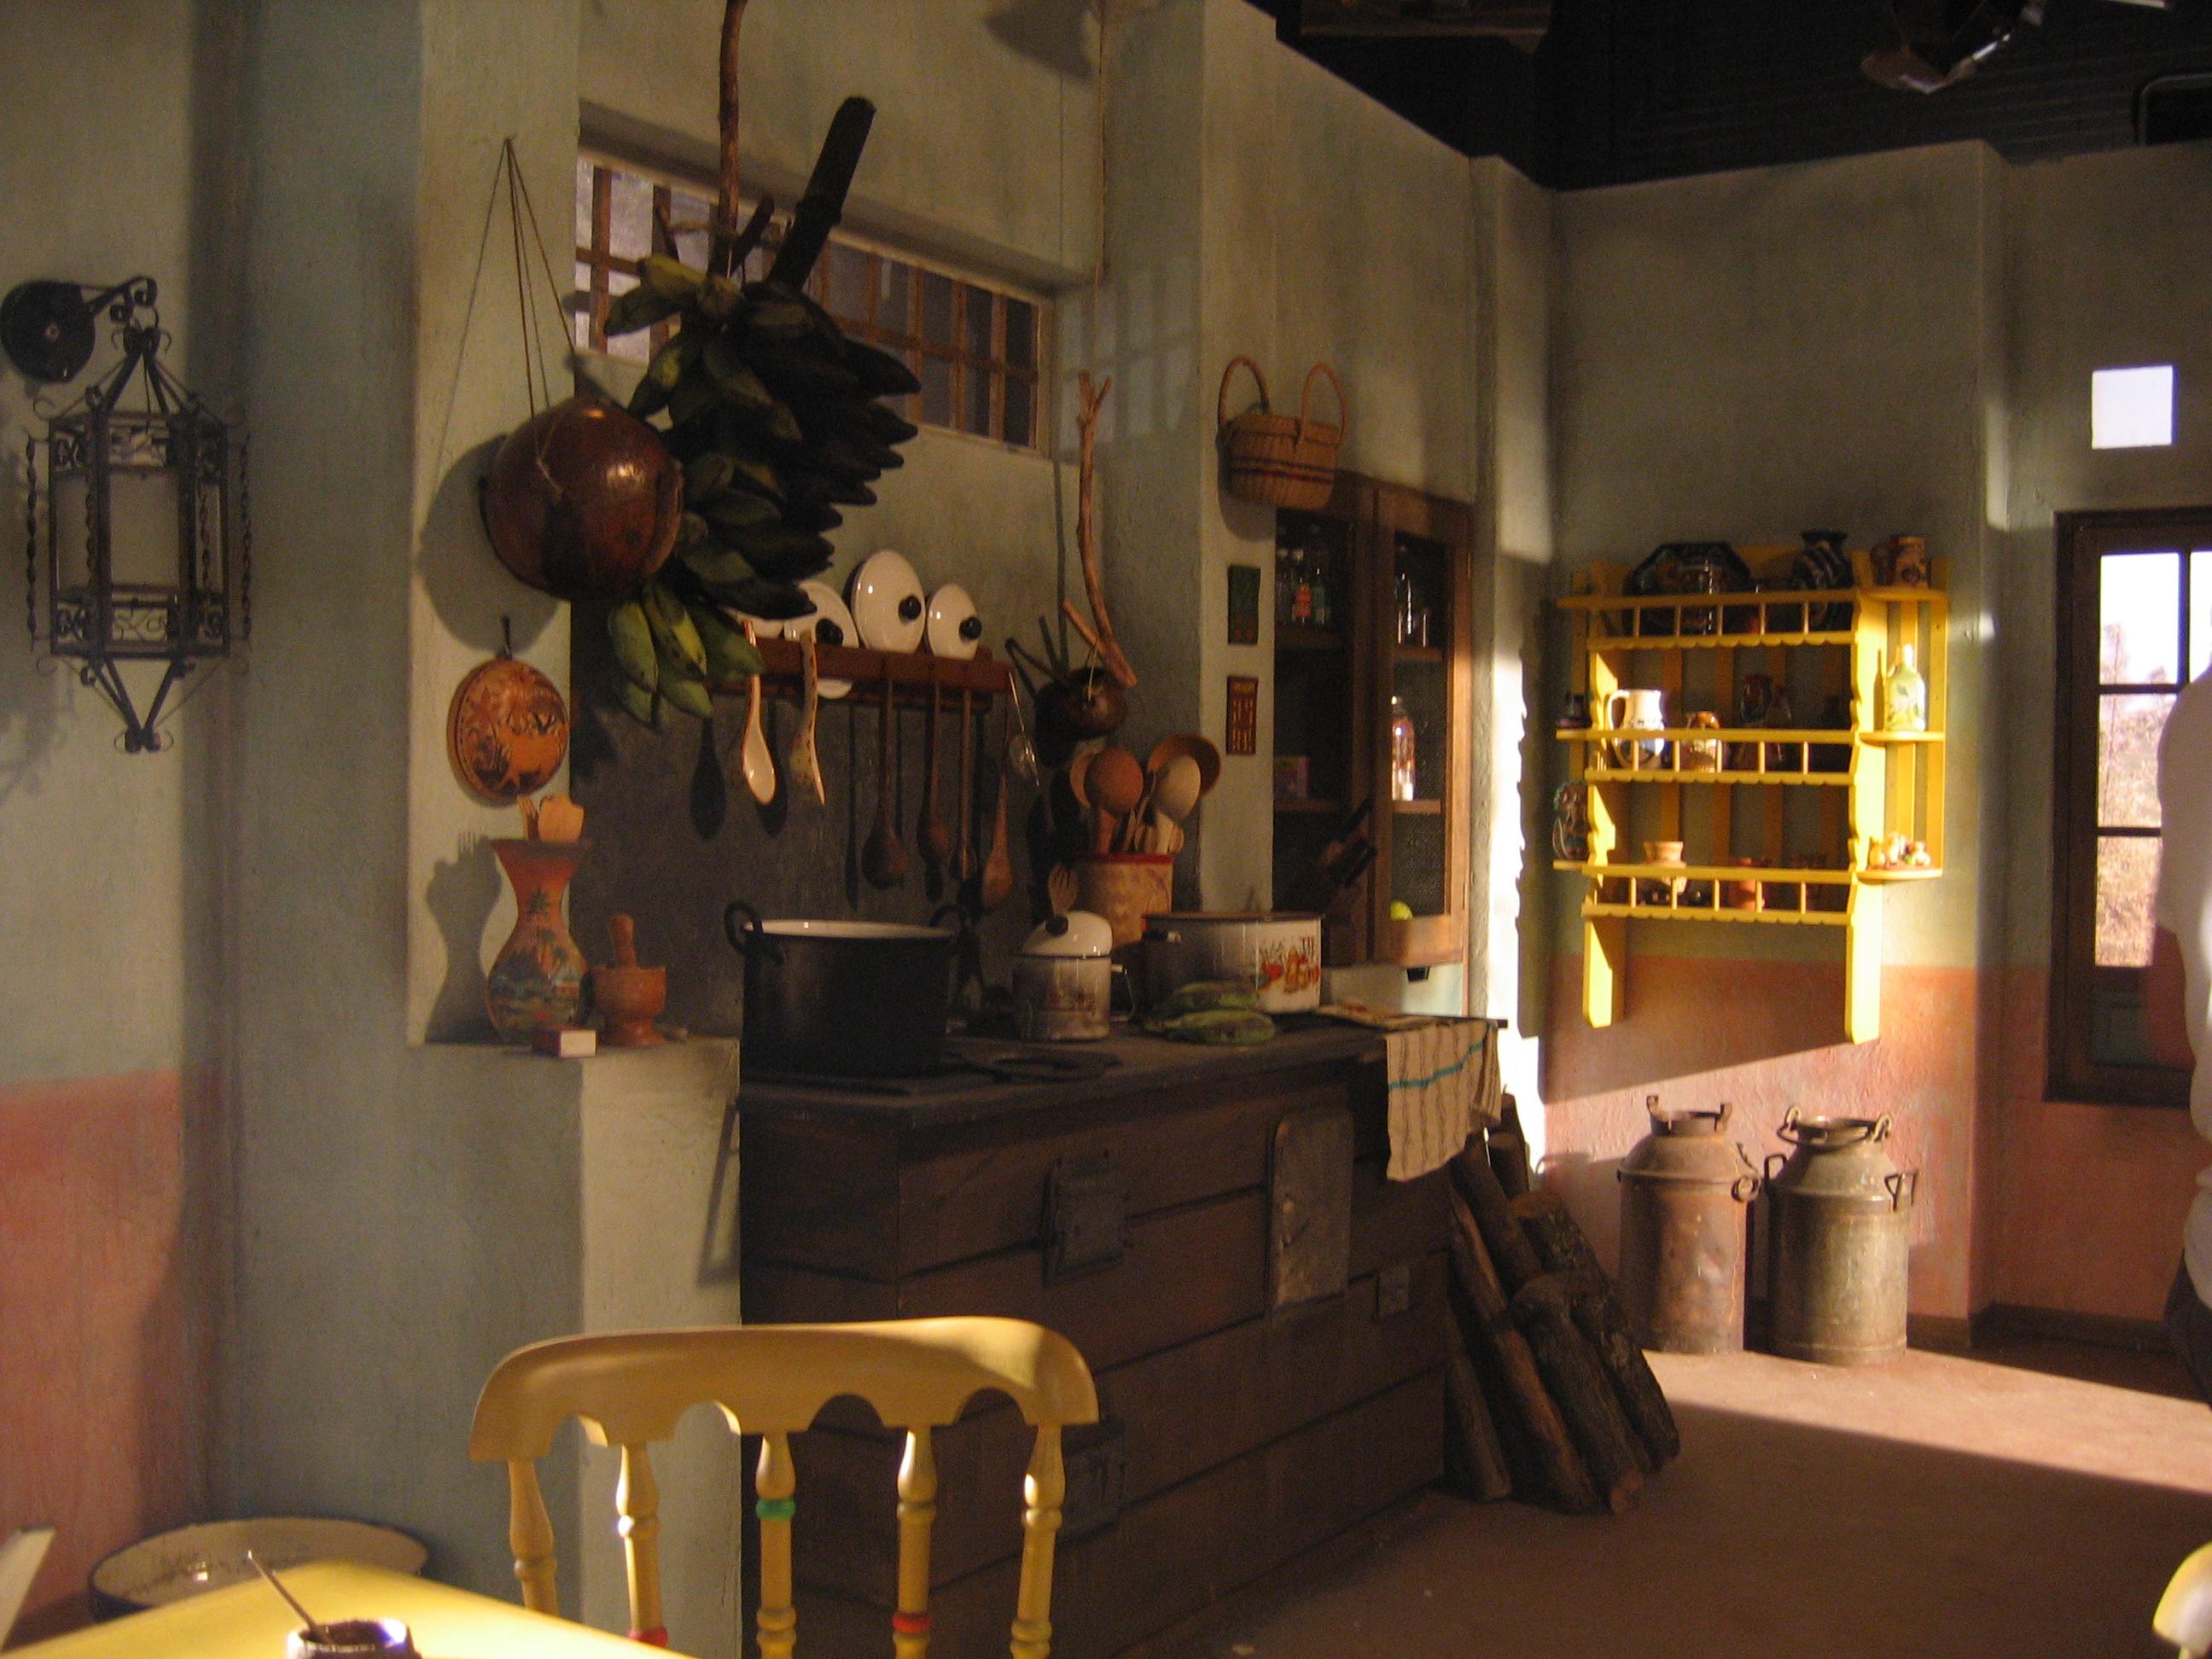 Cocina hacienda principal-set estudio